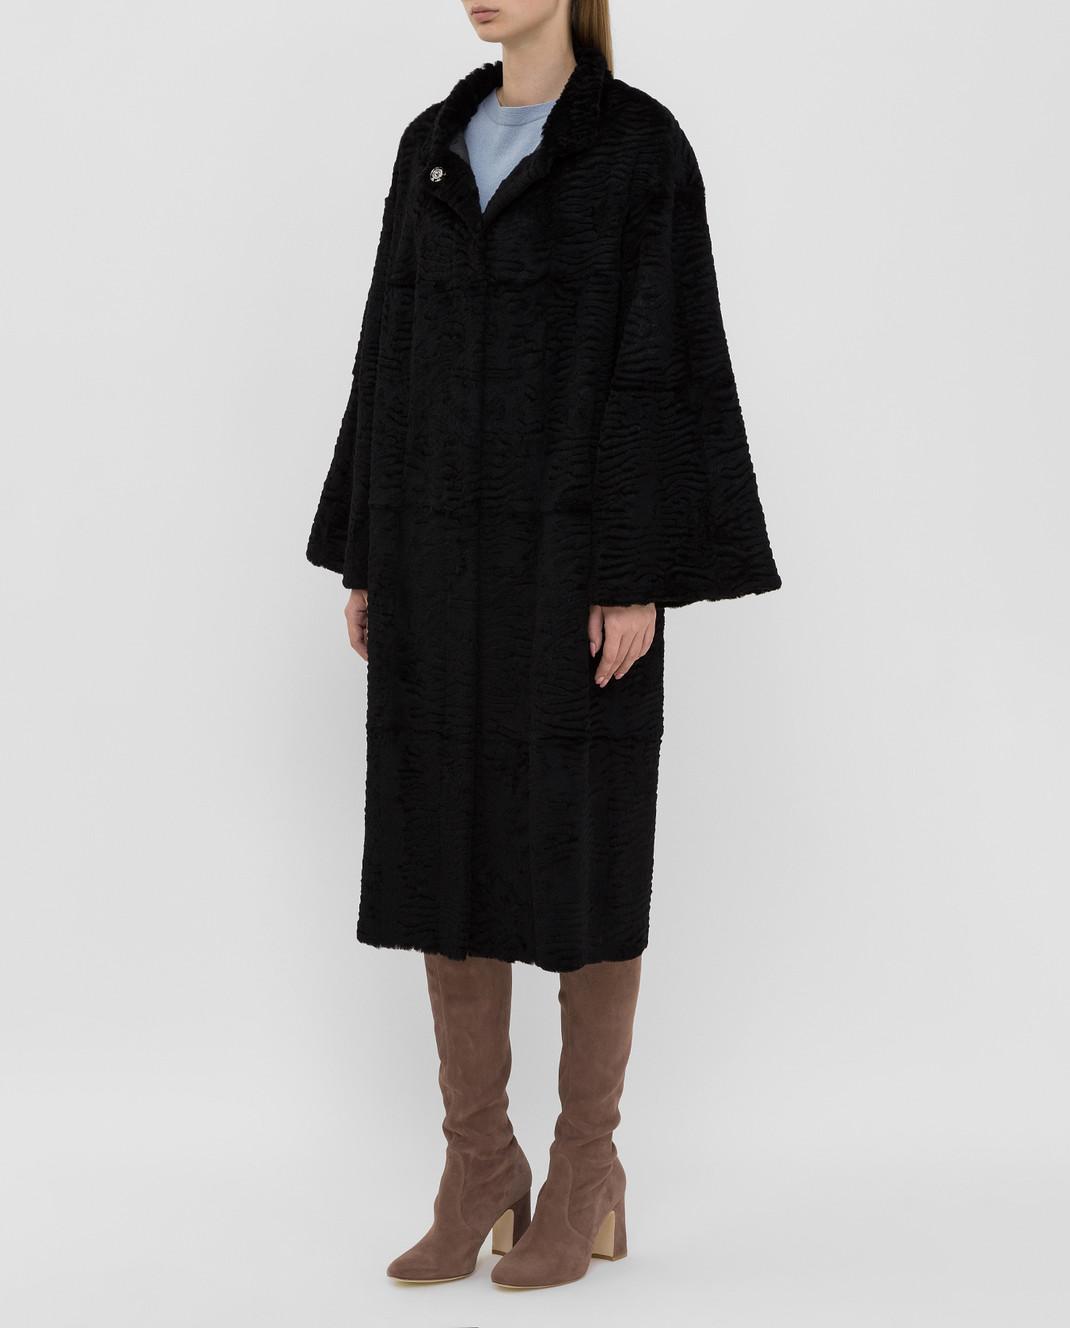 Giuliana Teso Черное пальто из меха кролика 84KA440A изображение 3